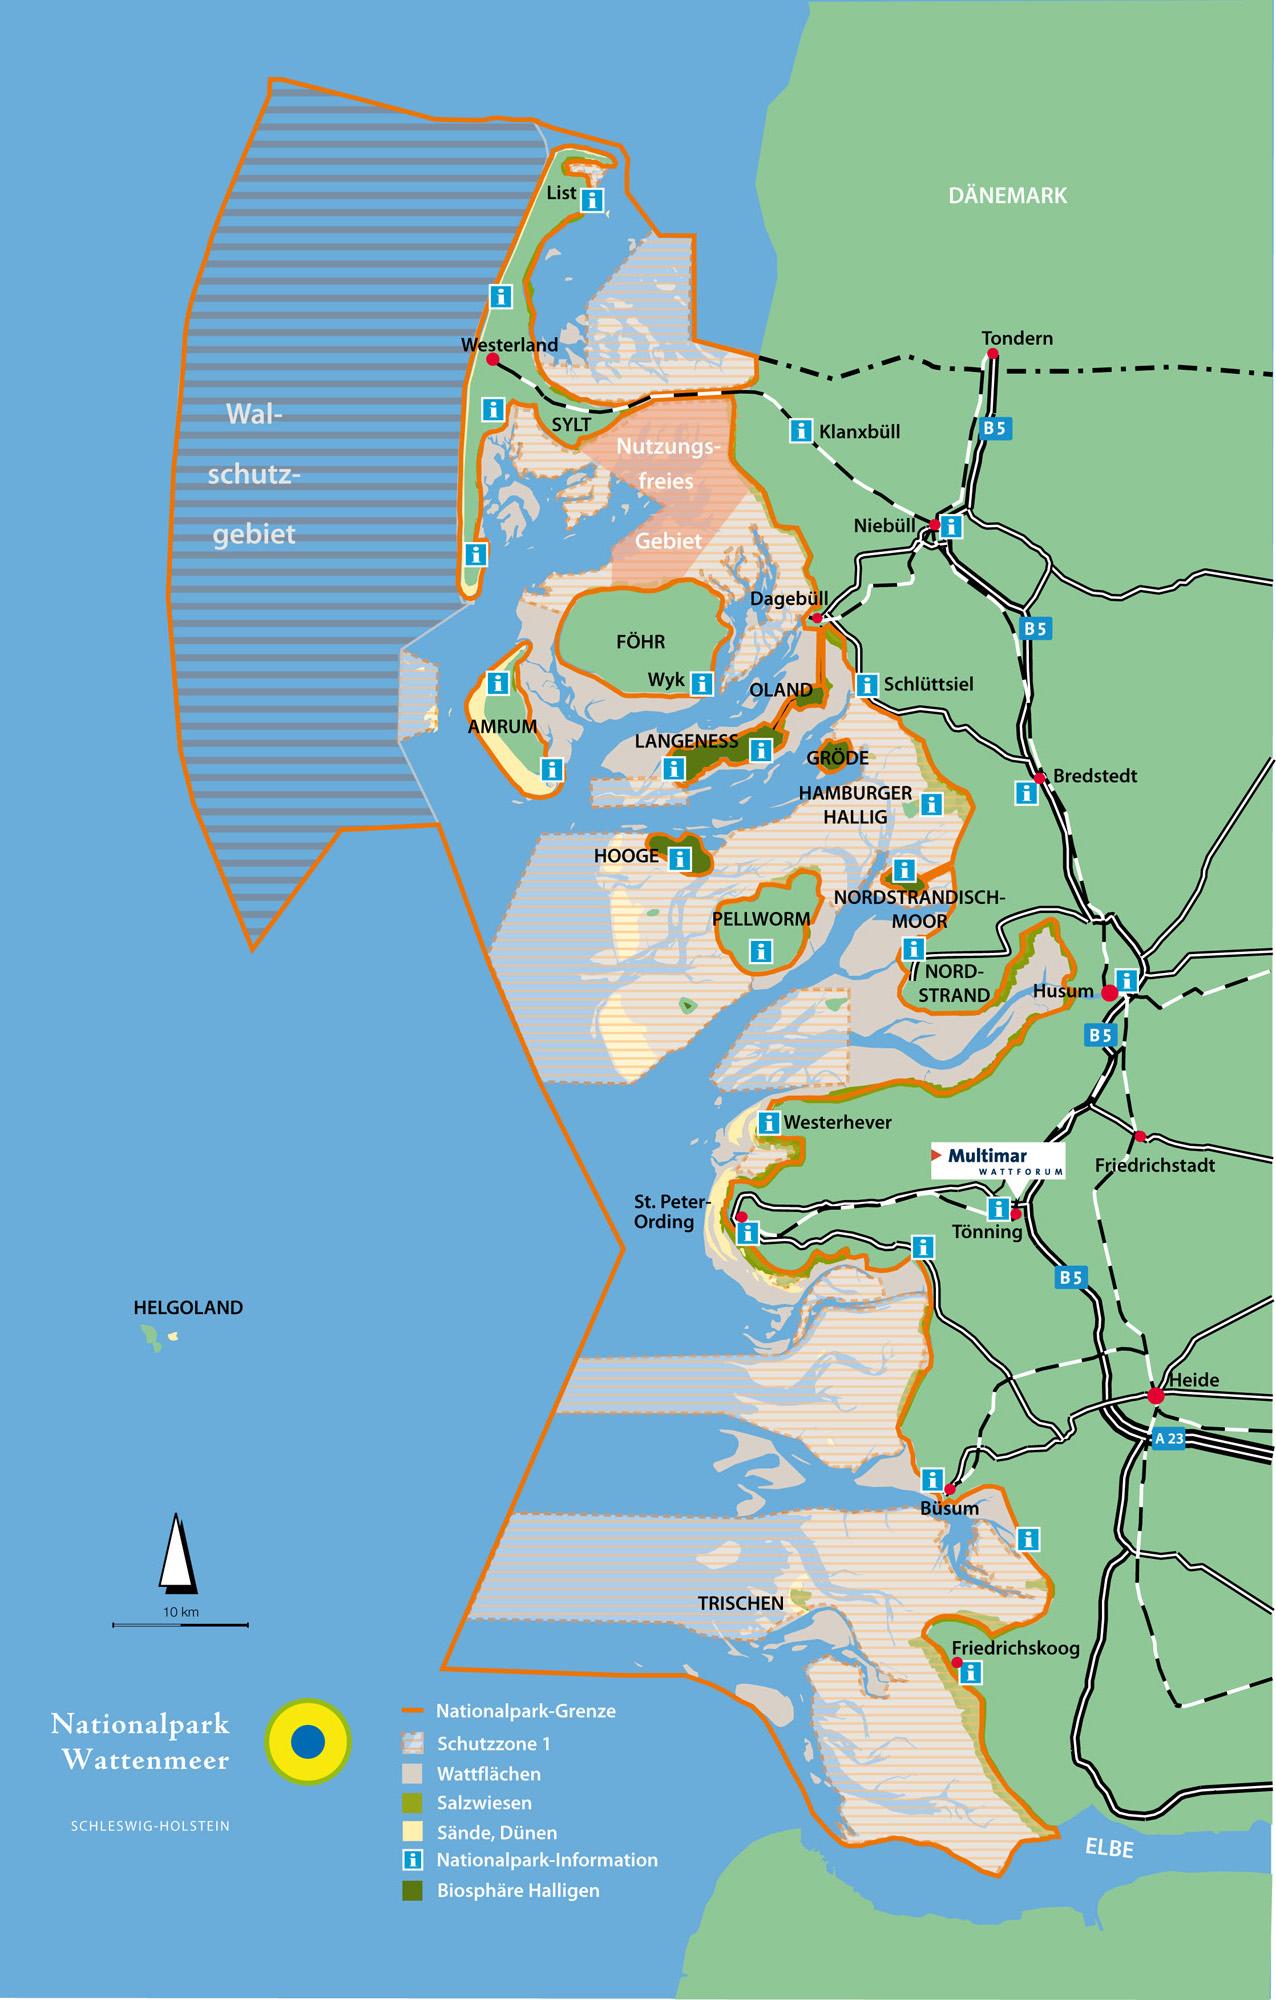 Nordfriesische Inseln Karte.Navigationsempfehlung Fur Das Nordfriesische Wattenmeer